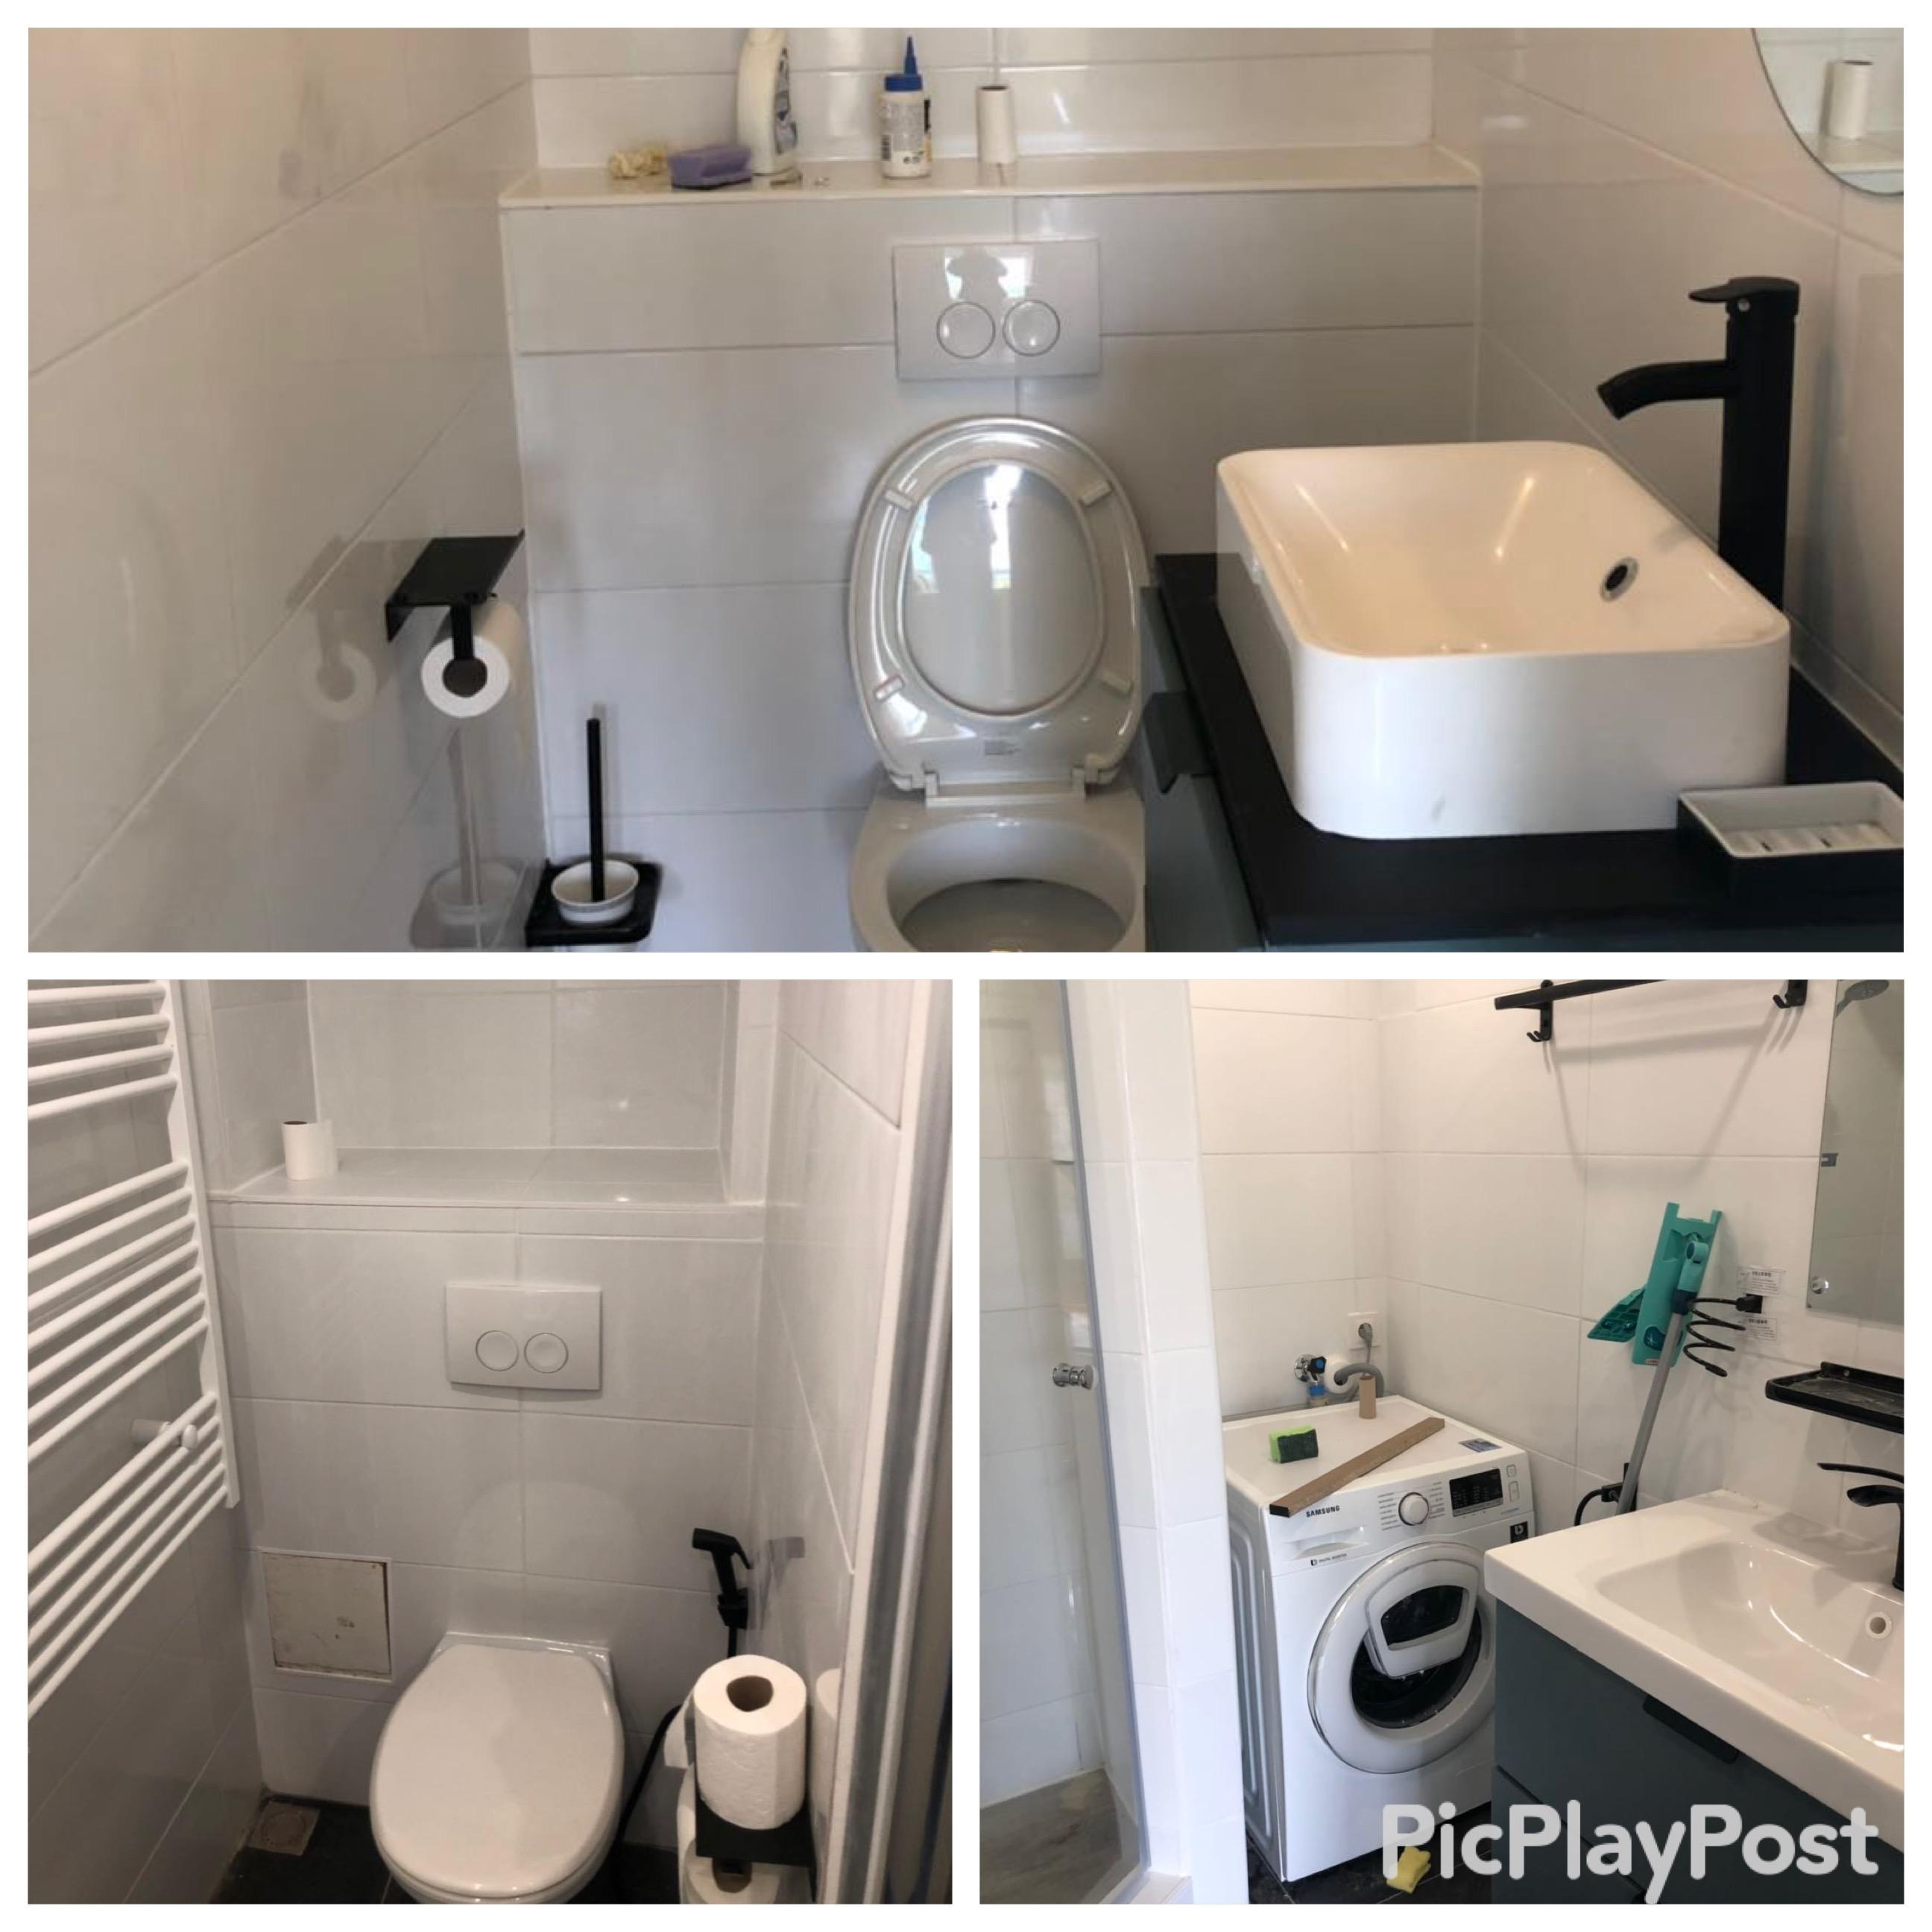 精装阿姆公寓(三卧室)出租,位置佳